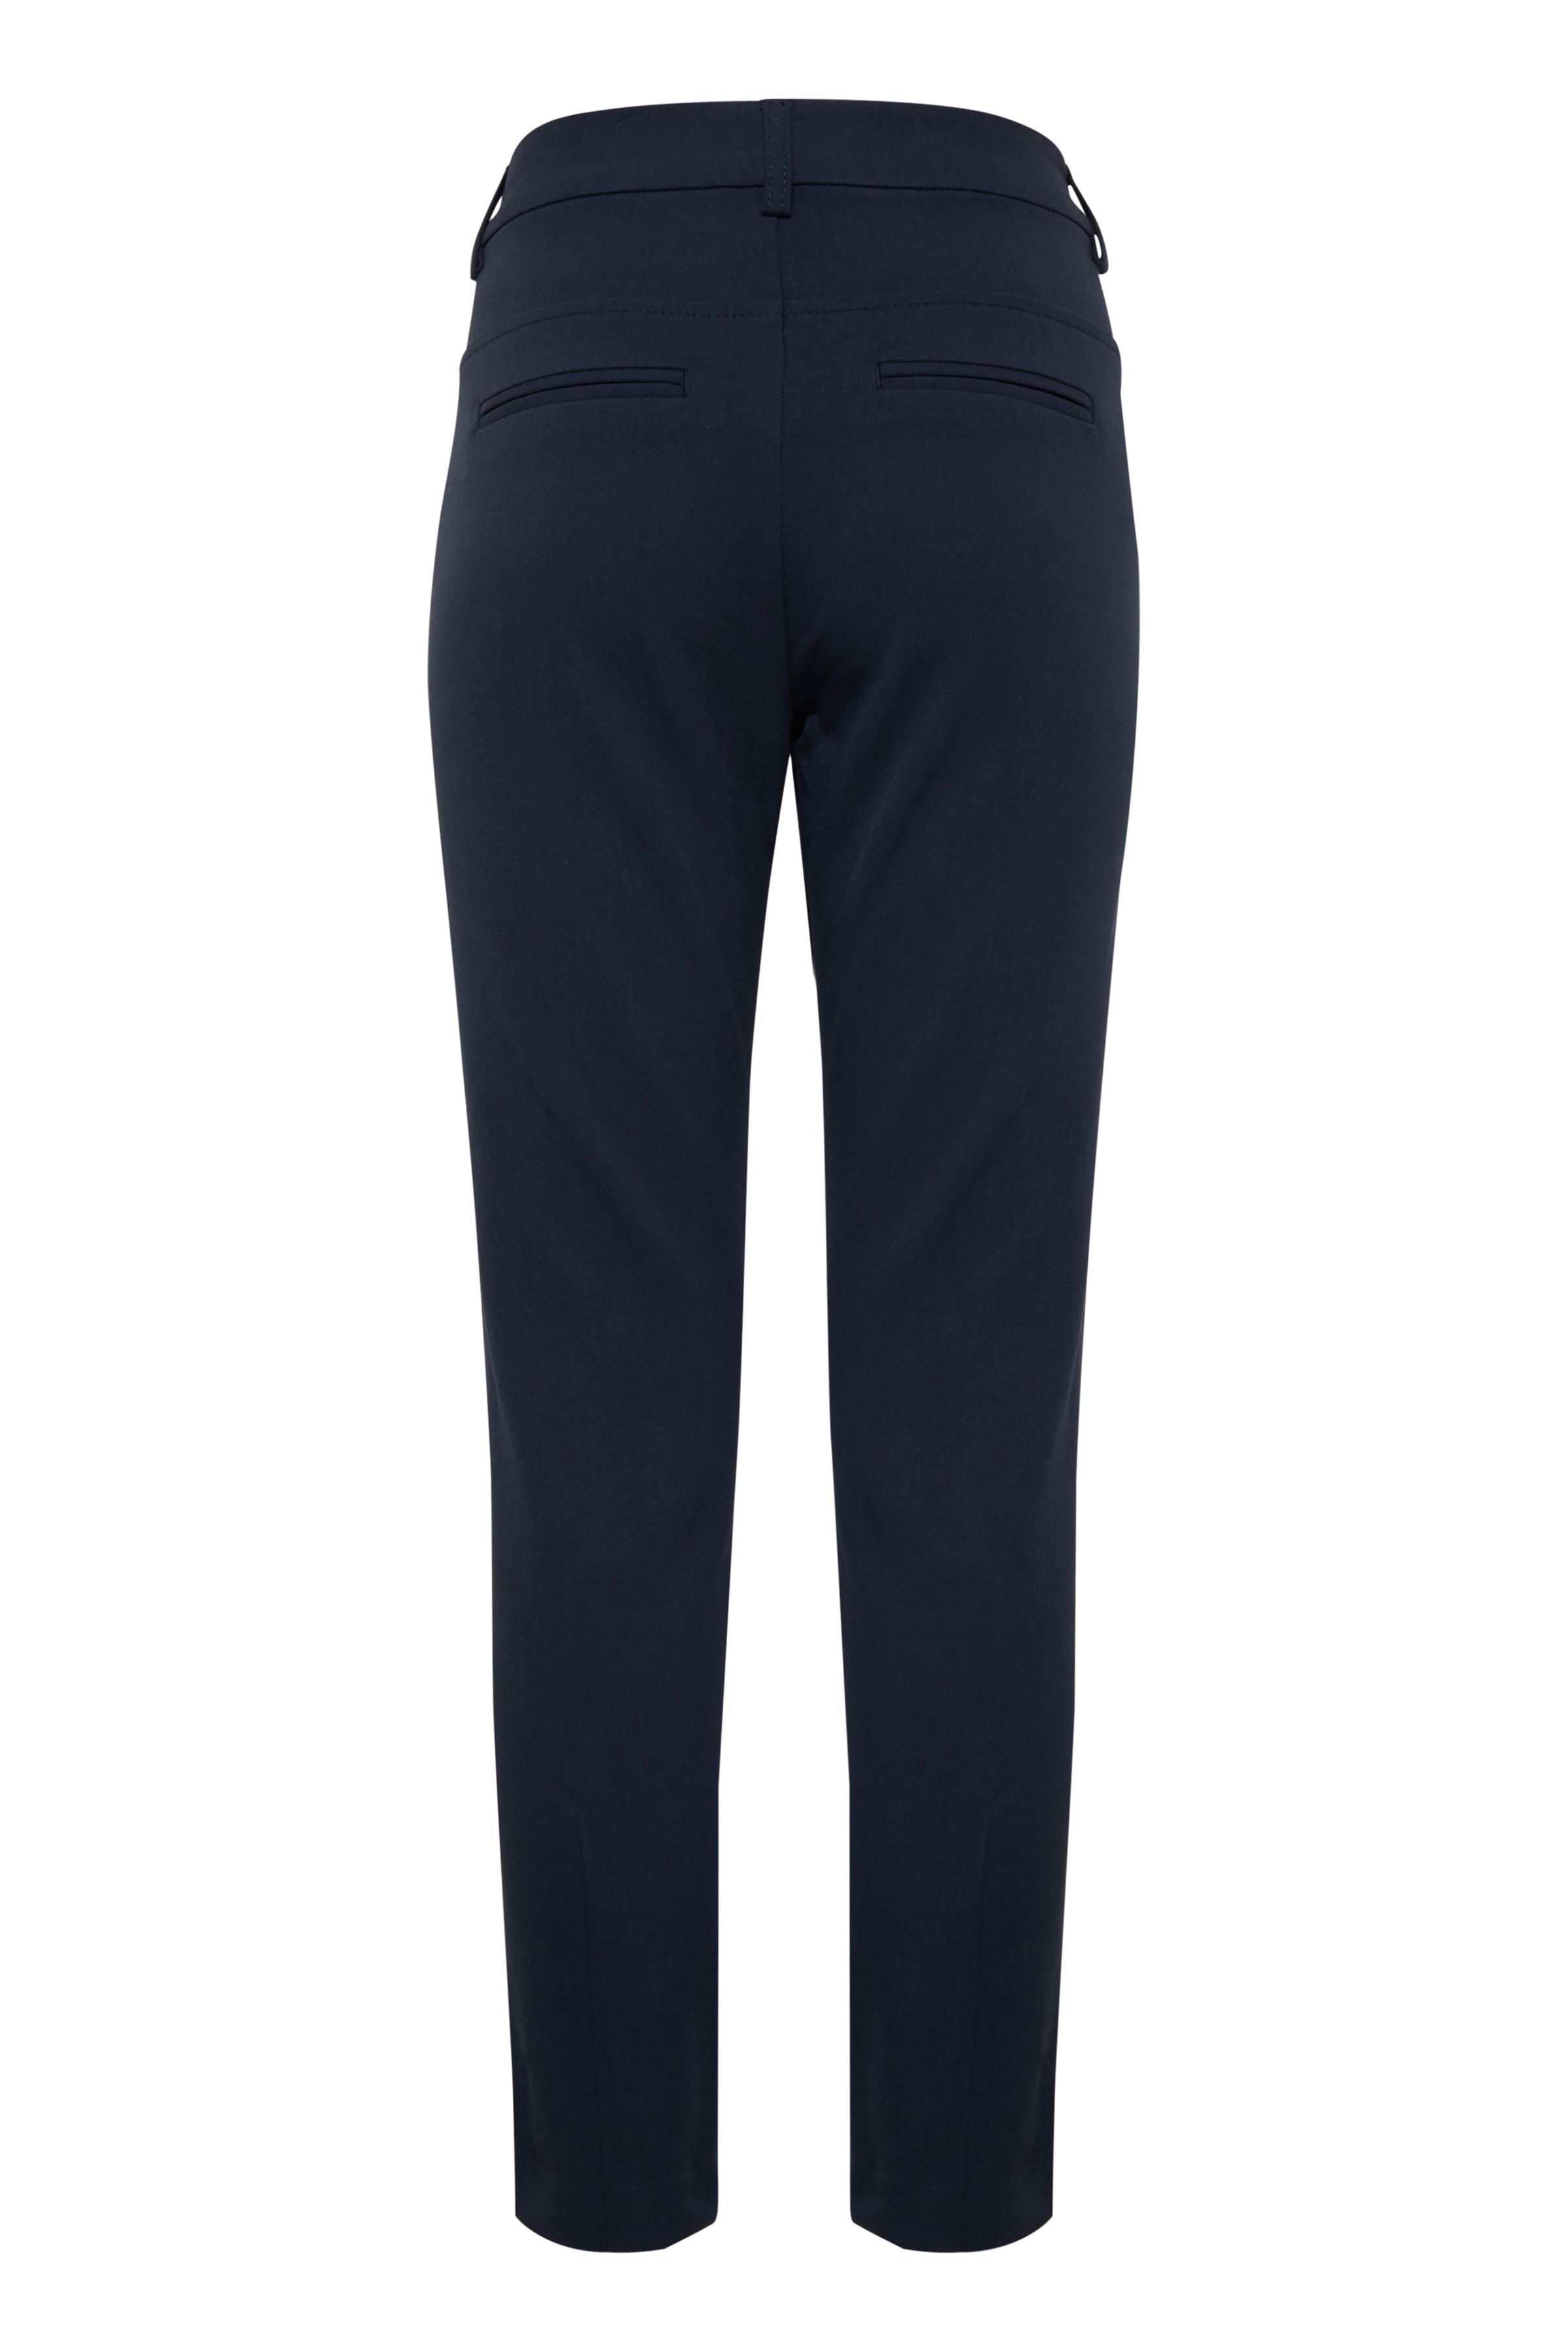 Dunkelblau Hose von Pulz Jeans – Shoppen Sie Dunkelblau Hose ab Gr. 32-46 hier